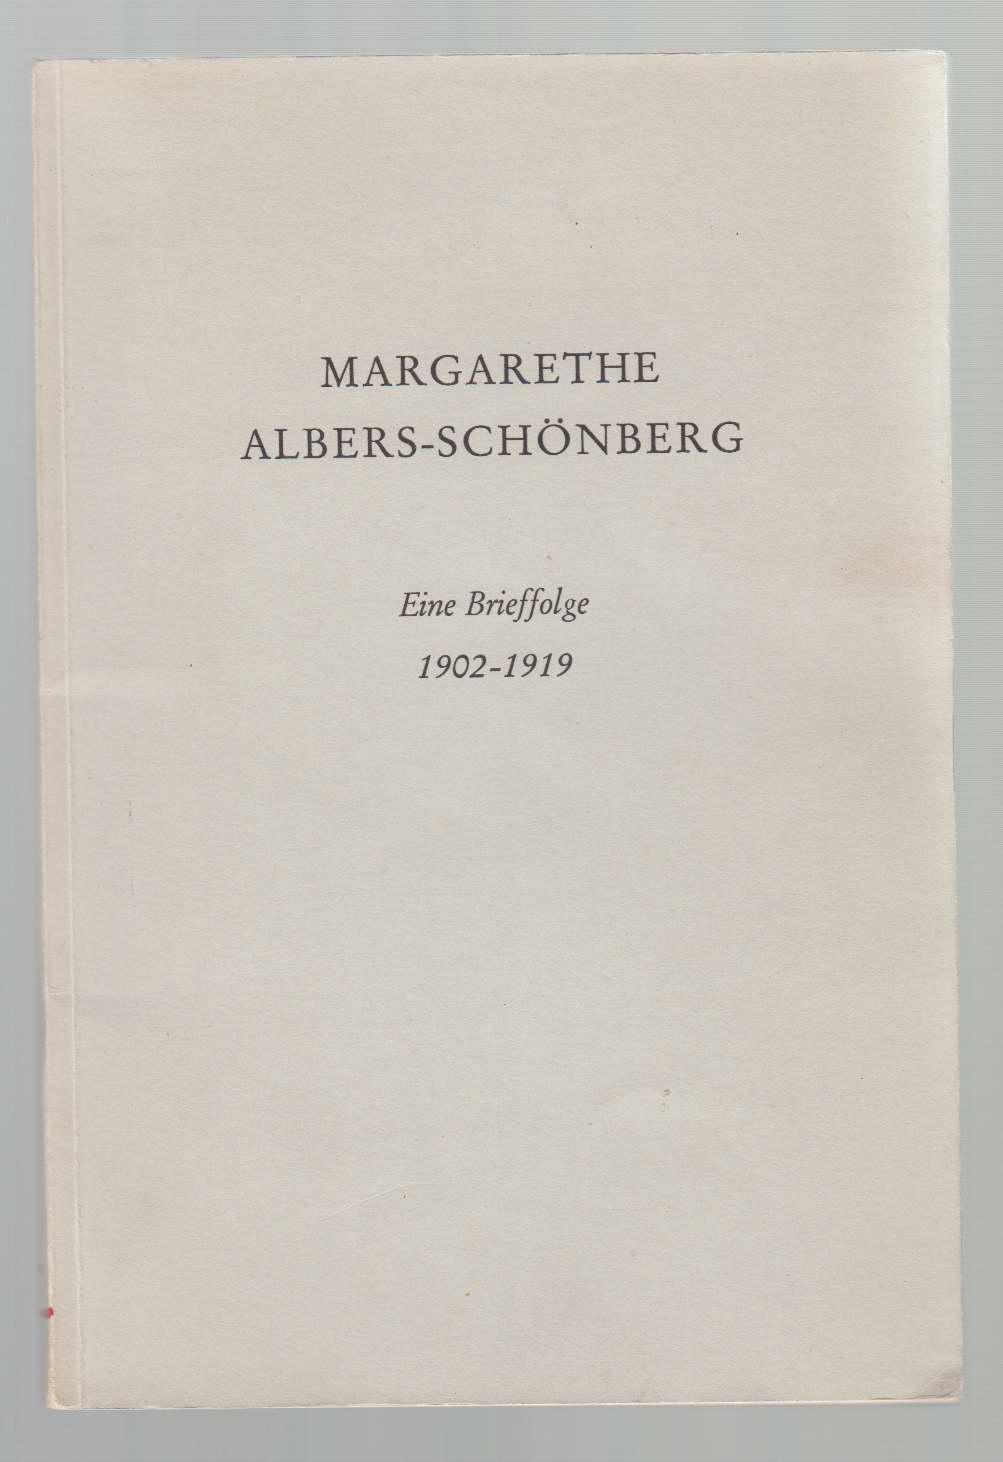 Image for Margarethe Albers-Schonberg: Eine Brieffolge 1902-1919